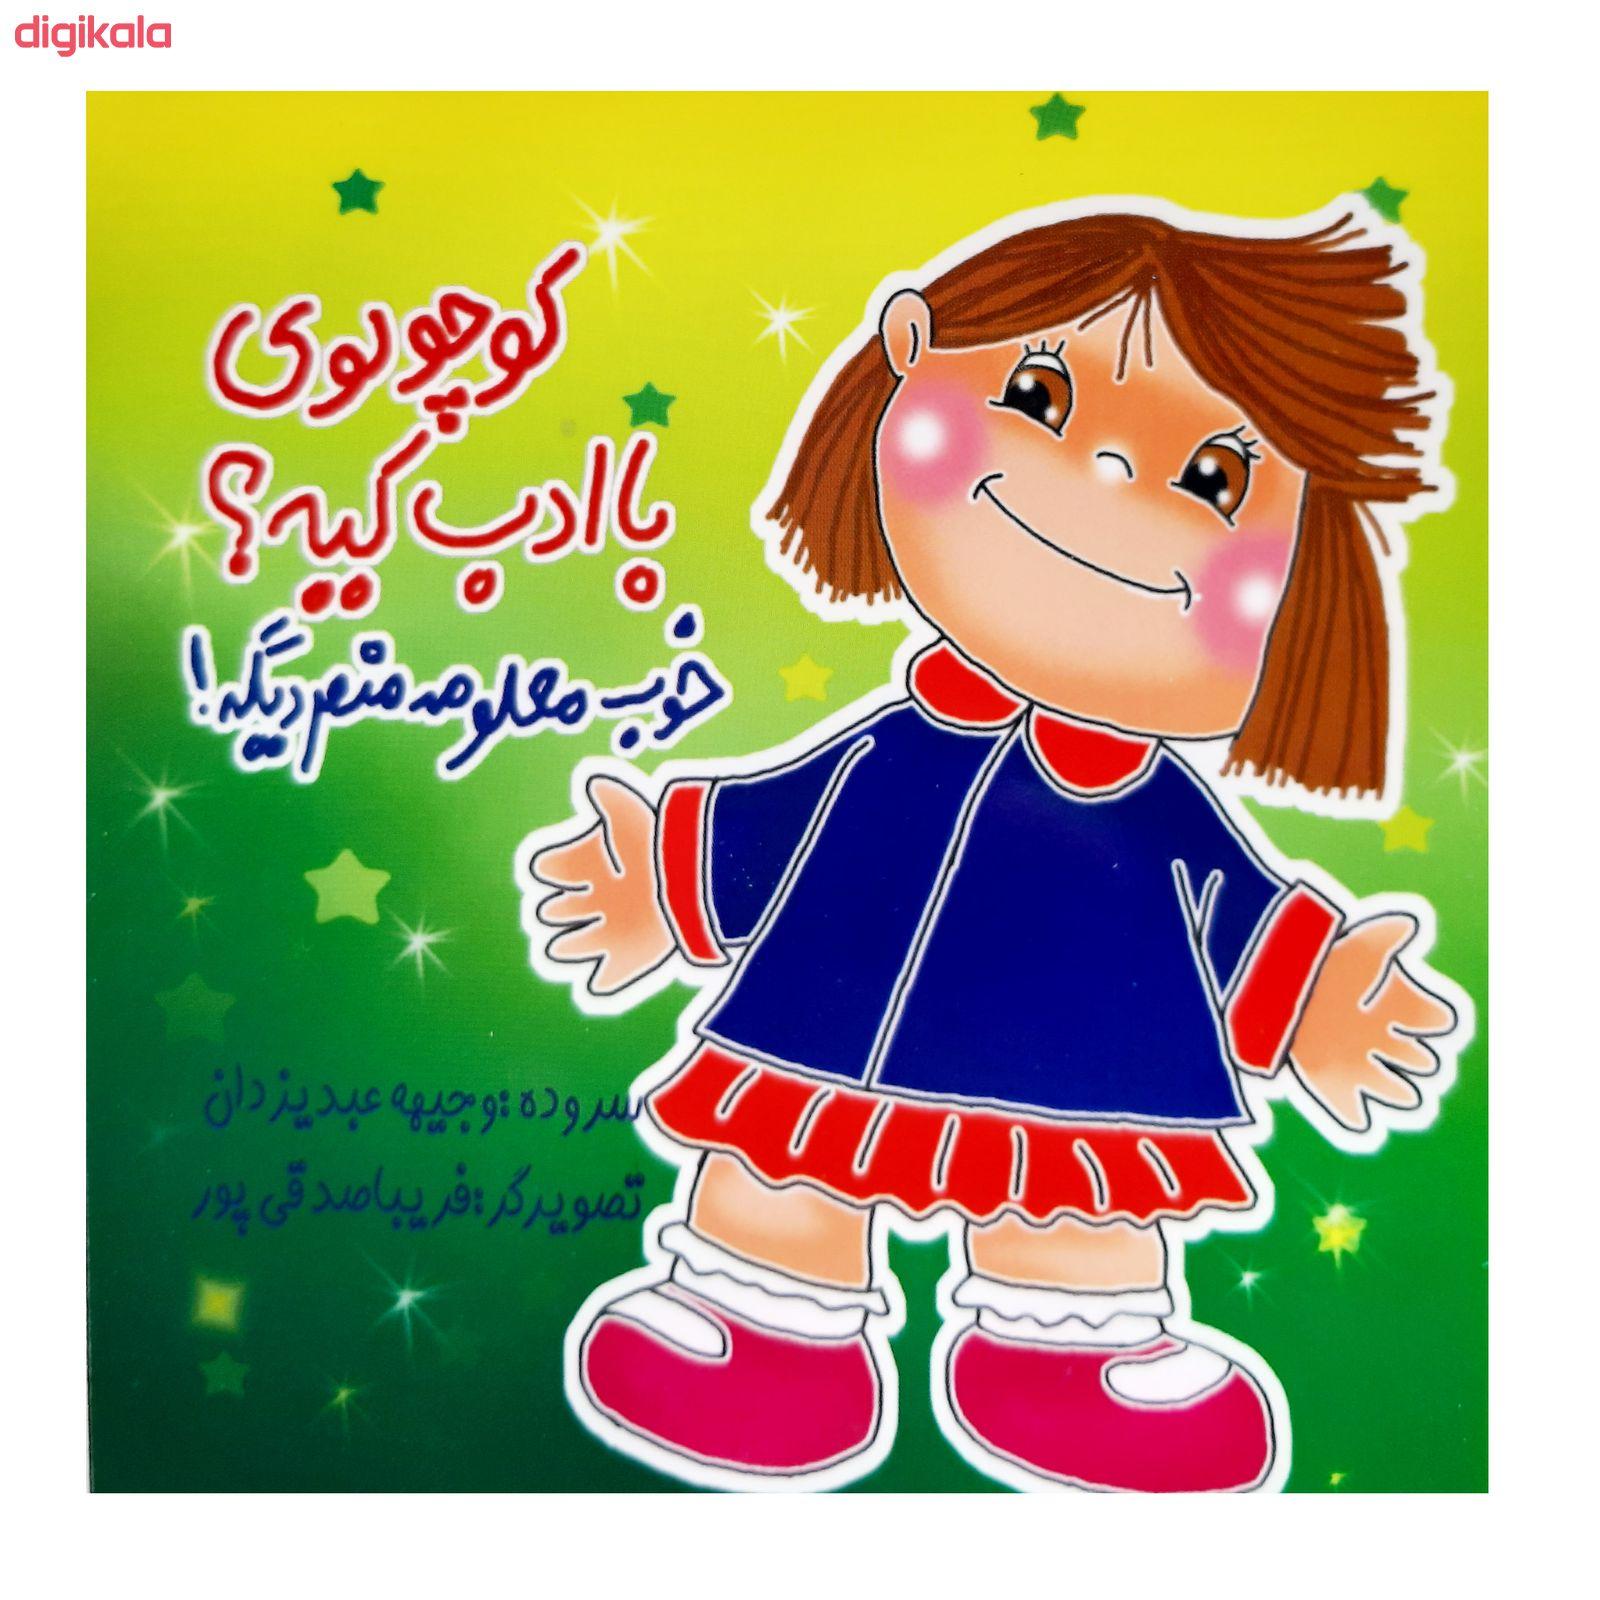 کتاب کوچولوها اثر وجیهه عبدیزدان انتشارات فرهنگ مردم 8 جلدی main 1 7